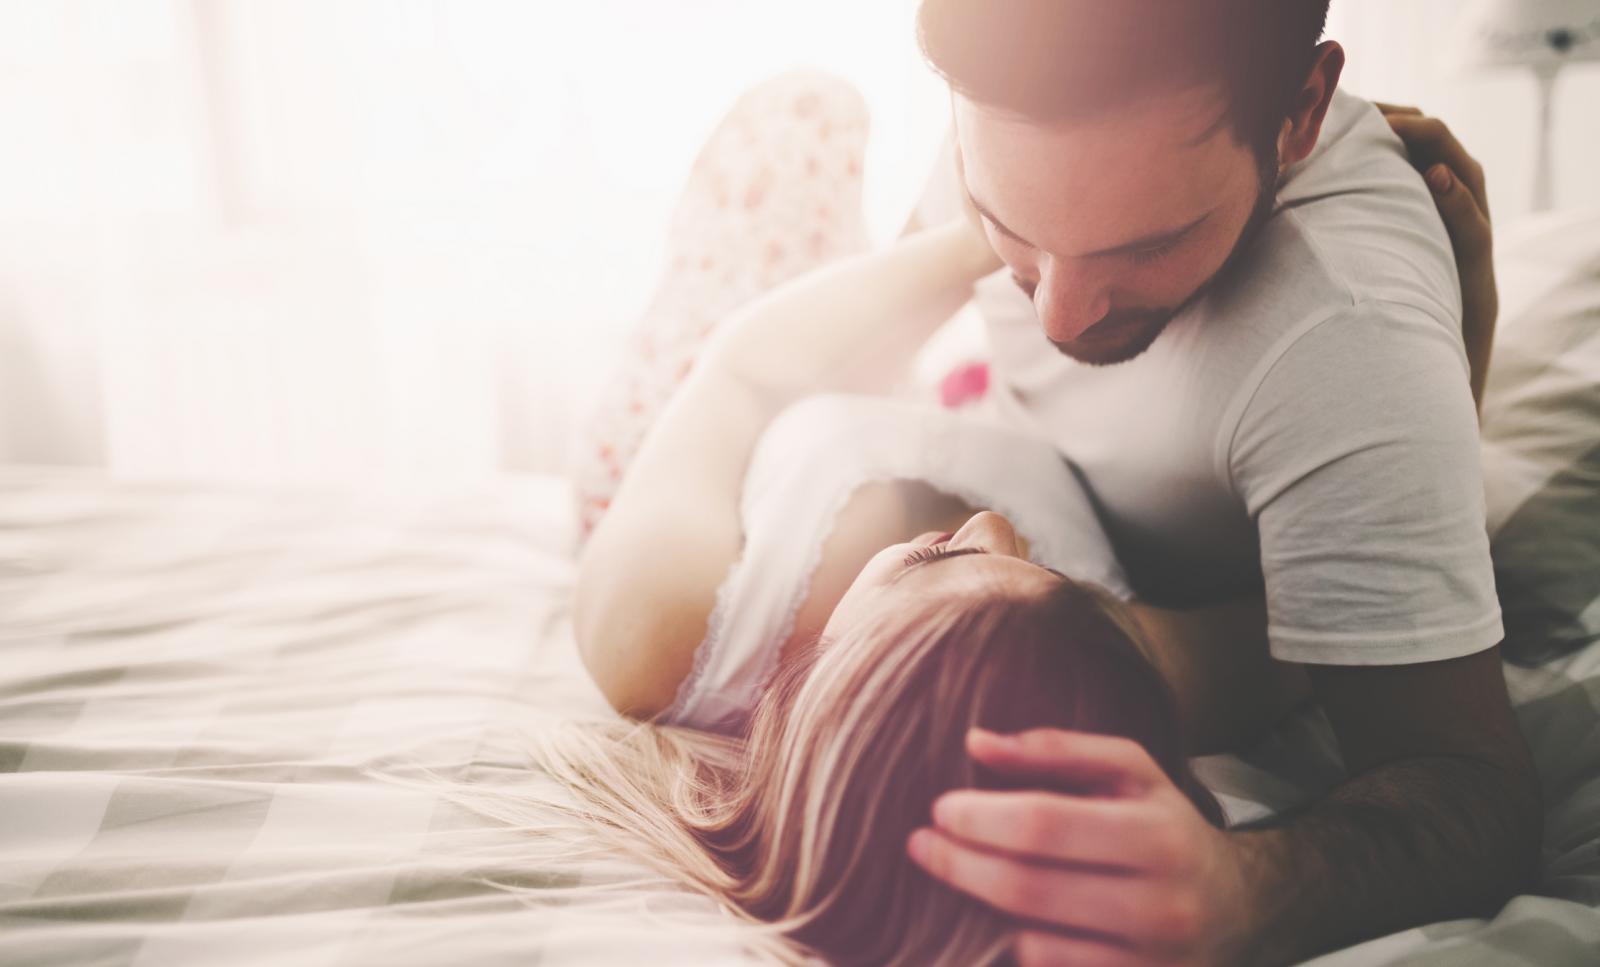 Poznato je da seks može pridonijeti srčanom udaru, ali poveznica s iznenadnim srčanim zastojem dosad se nije istraživala.